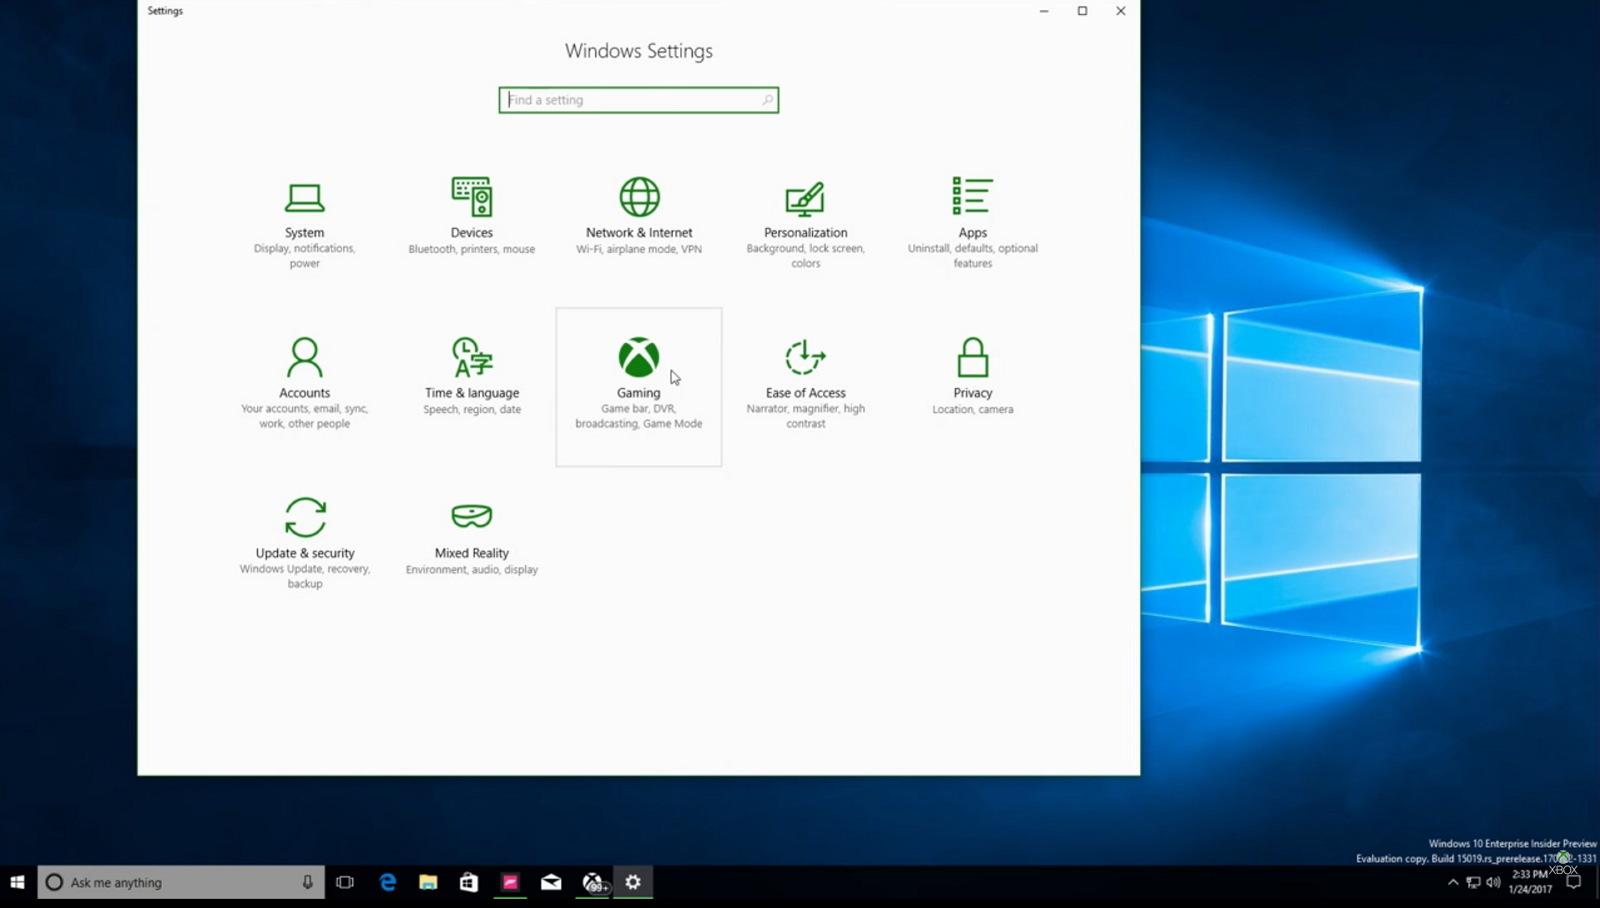 Windows 10 Creators Update Gaming settings